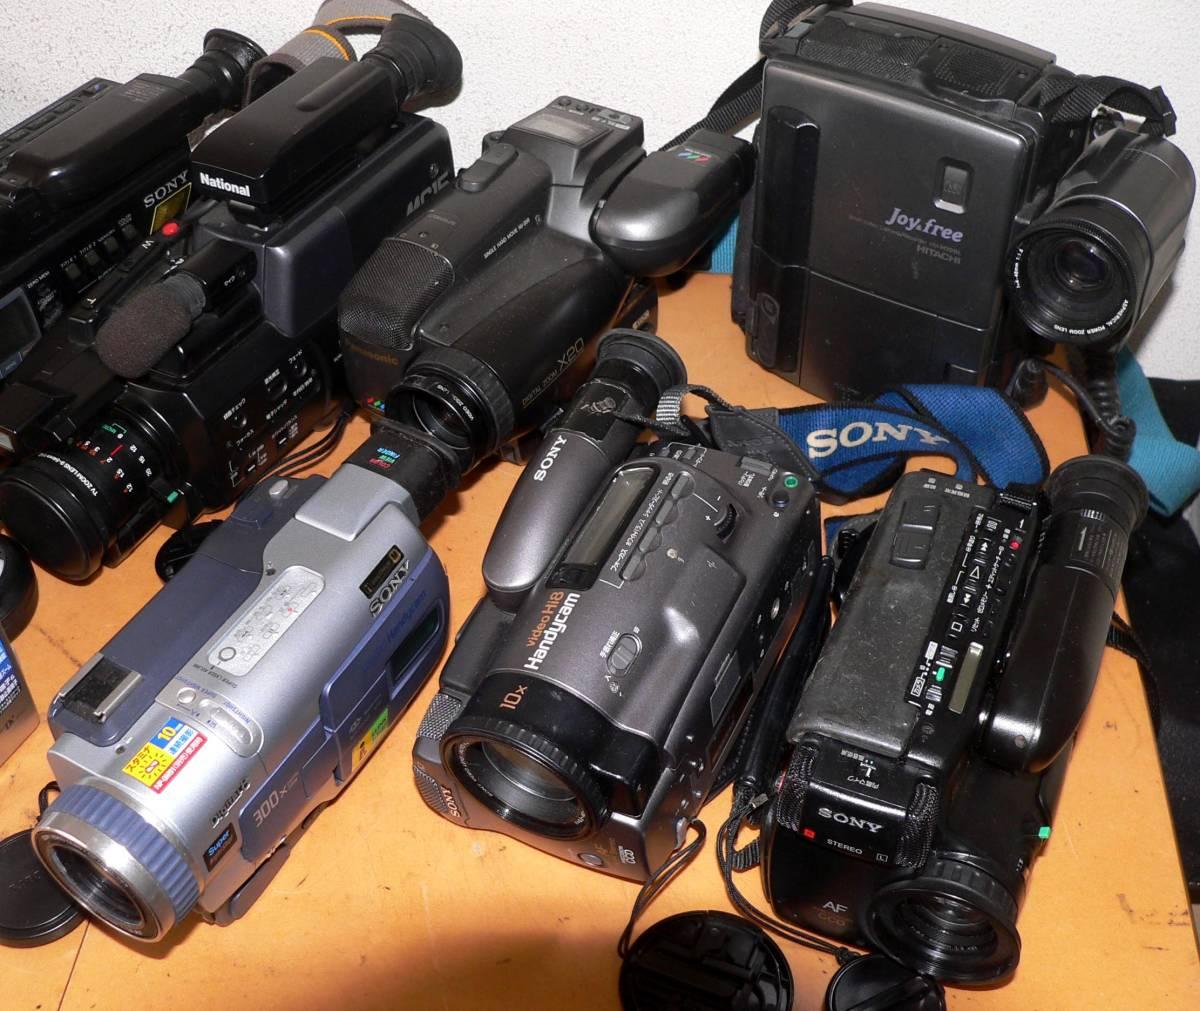 ★ジャンク品 / ビデオカメラ - 11台 / SONY、CANON、他いろいろ!★_画像2